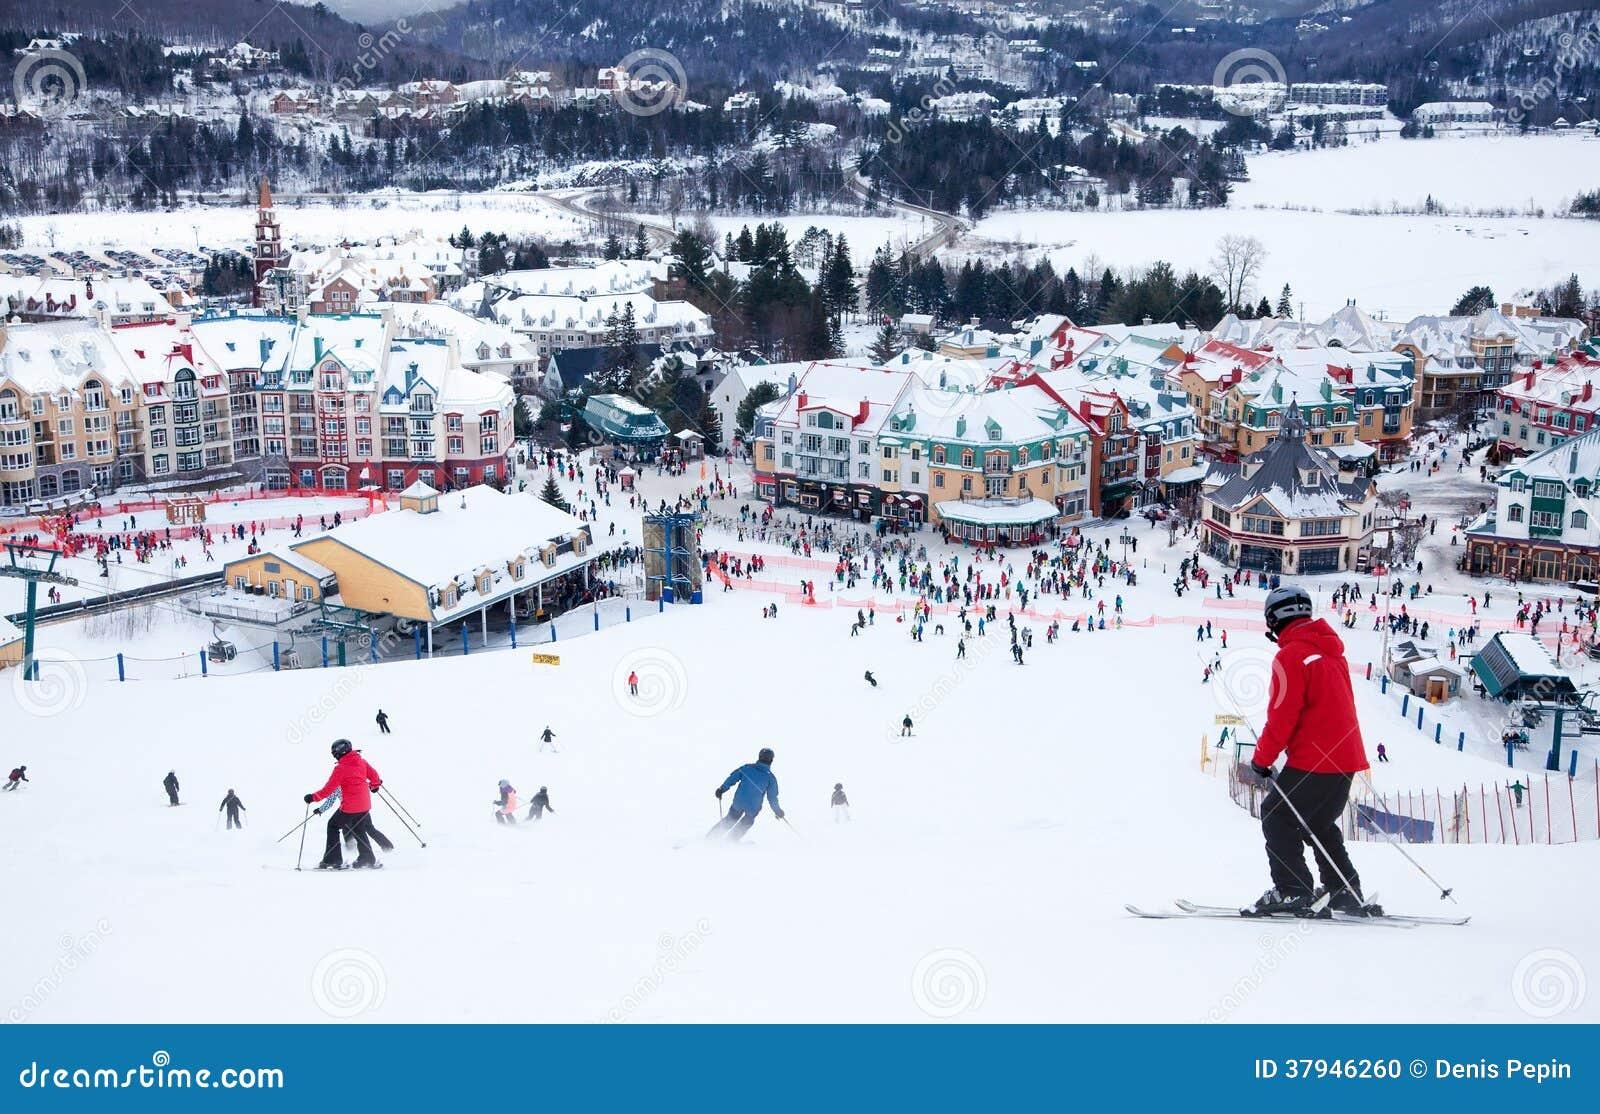 Mont-Tremblant Ski Resort, Québec, Canada